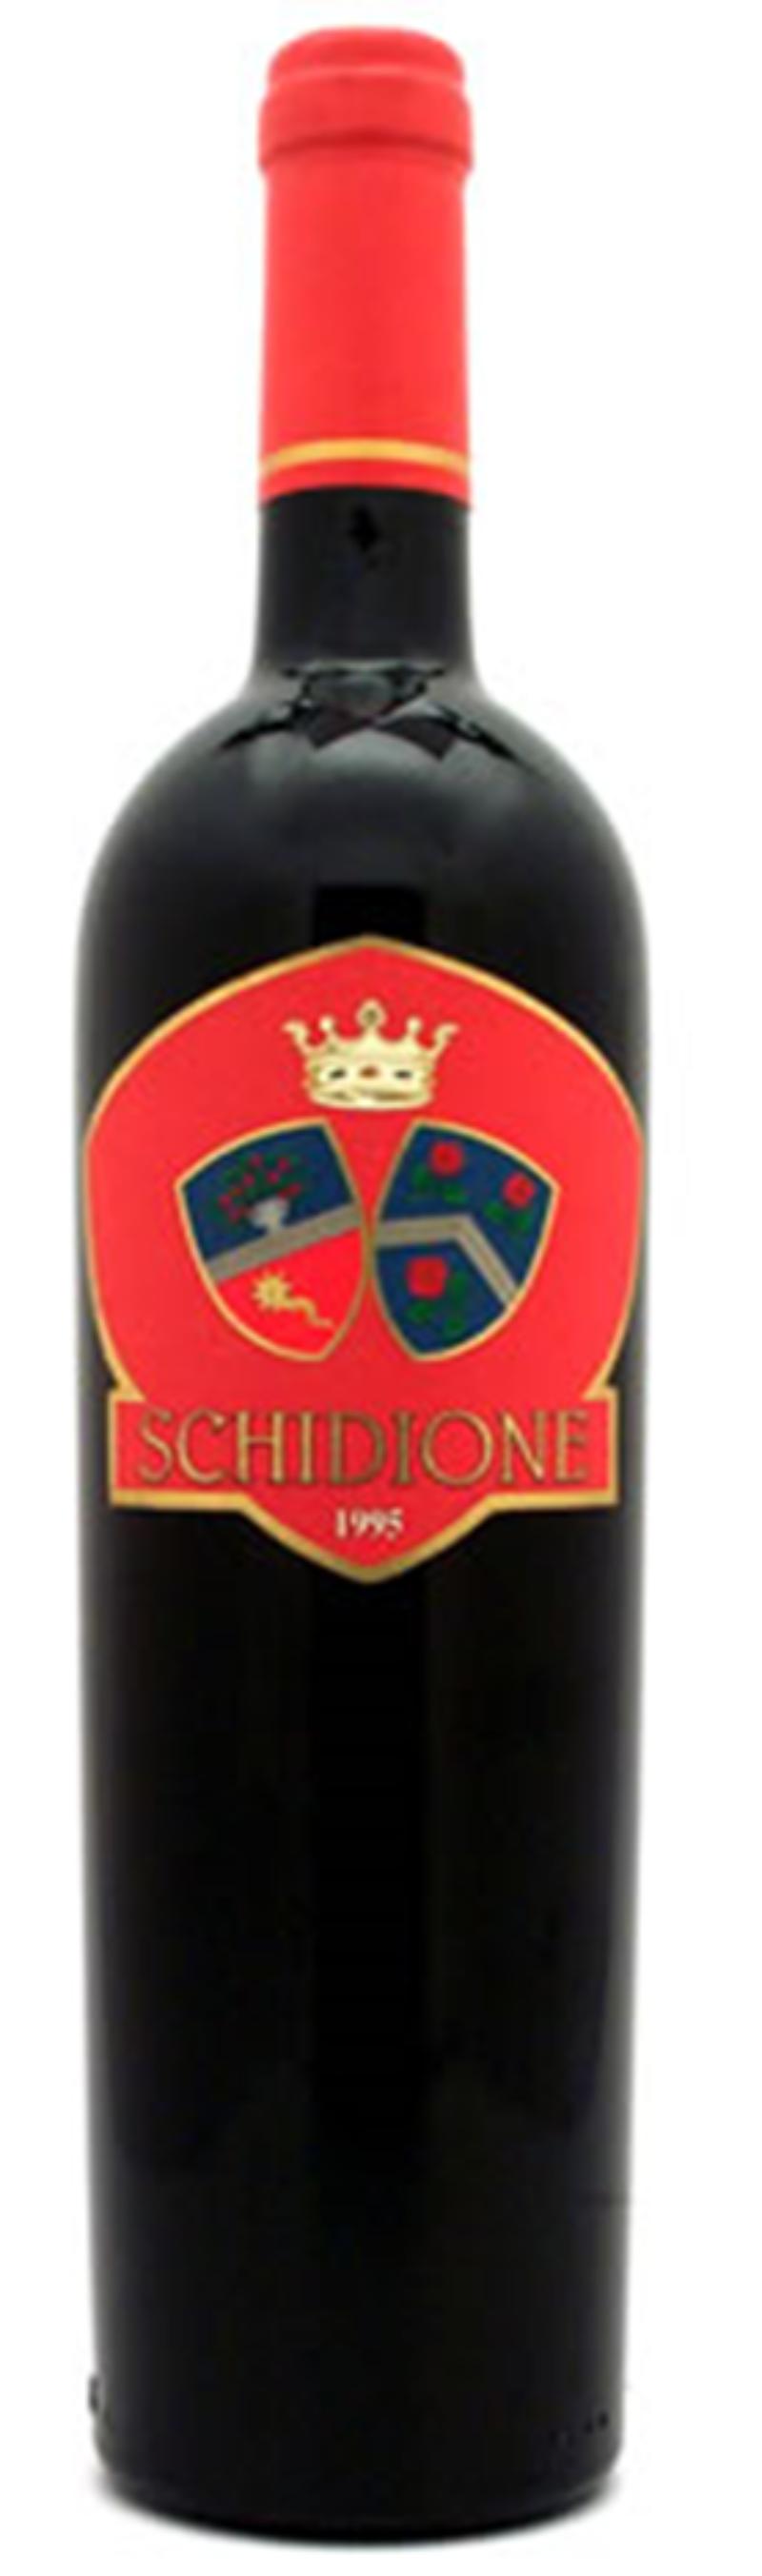 SCHIDIONE-TOSCANA-I.G.T.-BIONDI-SANTI-1995